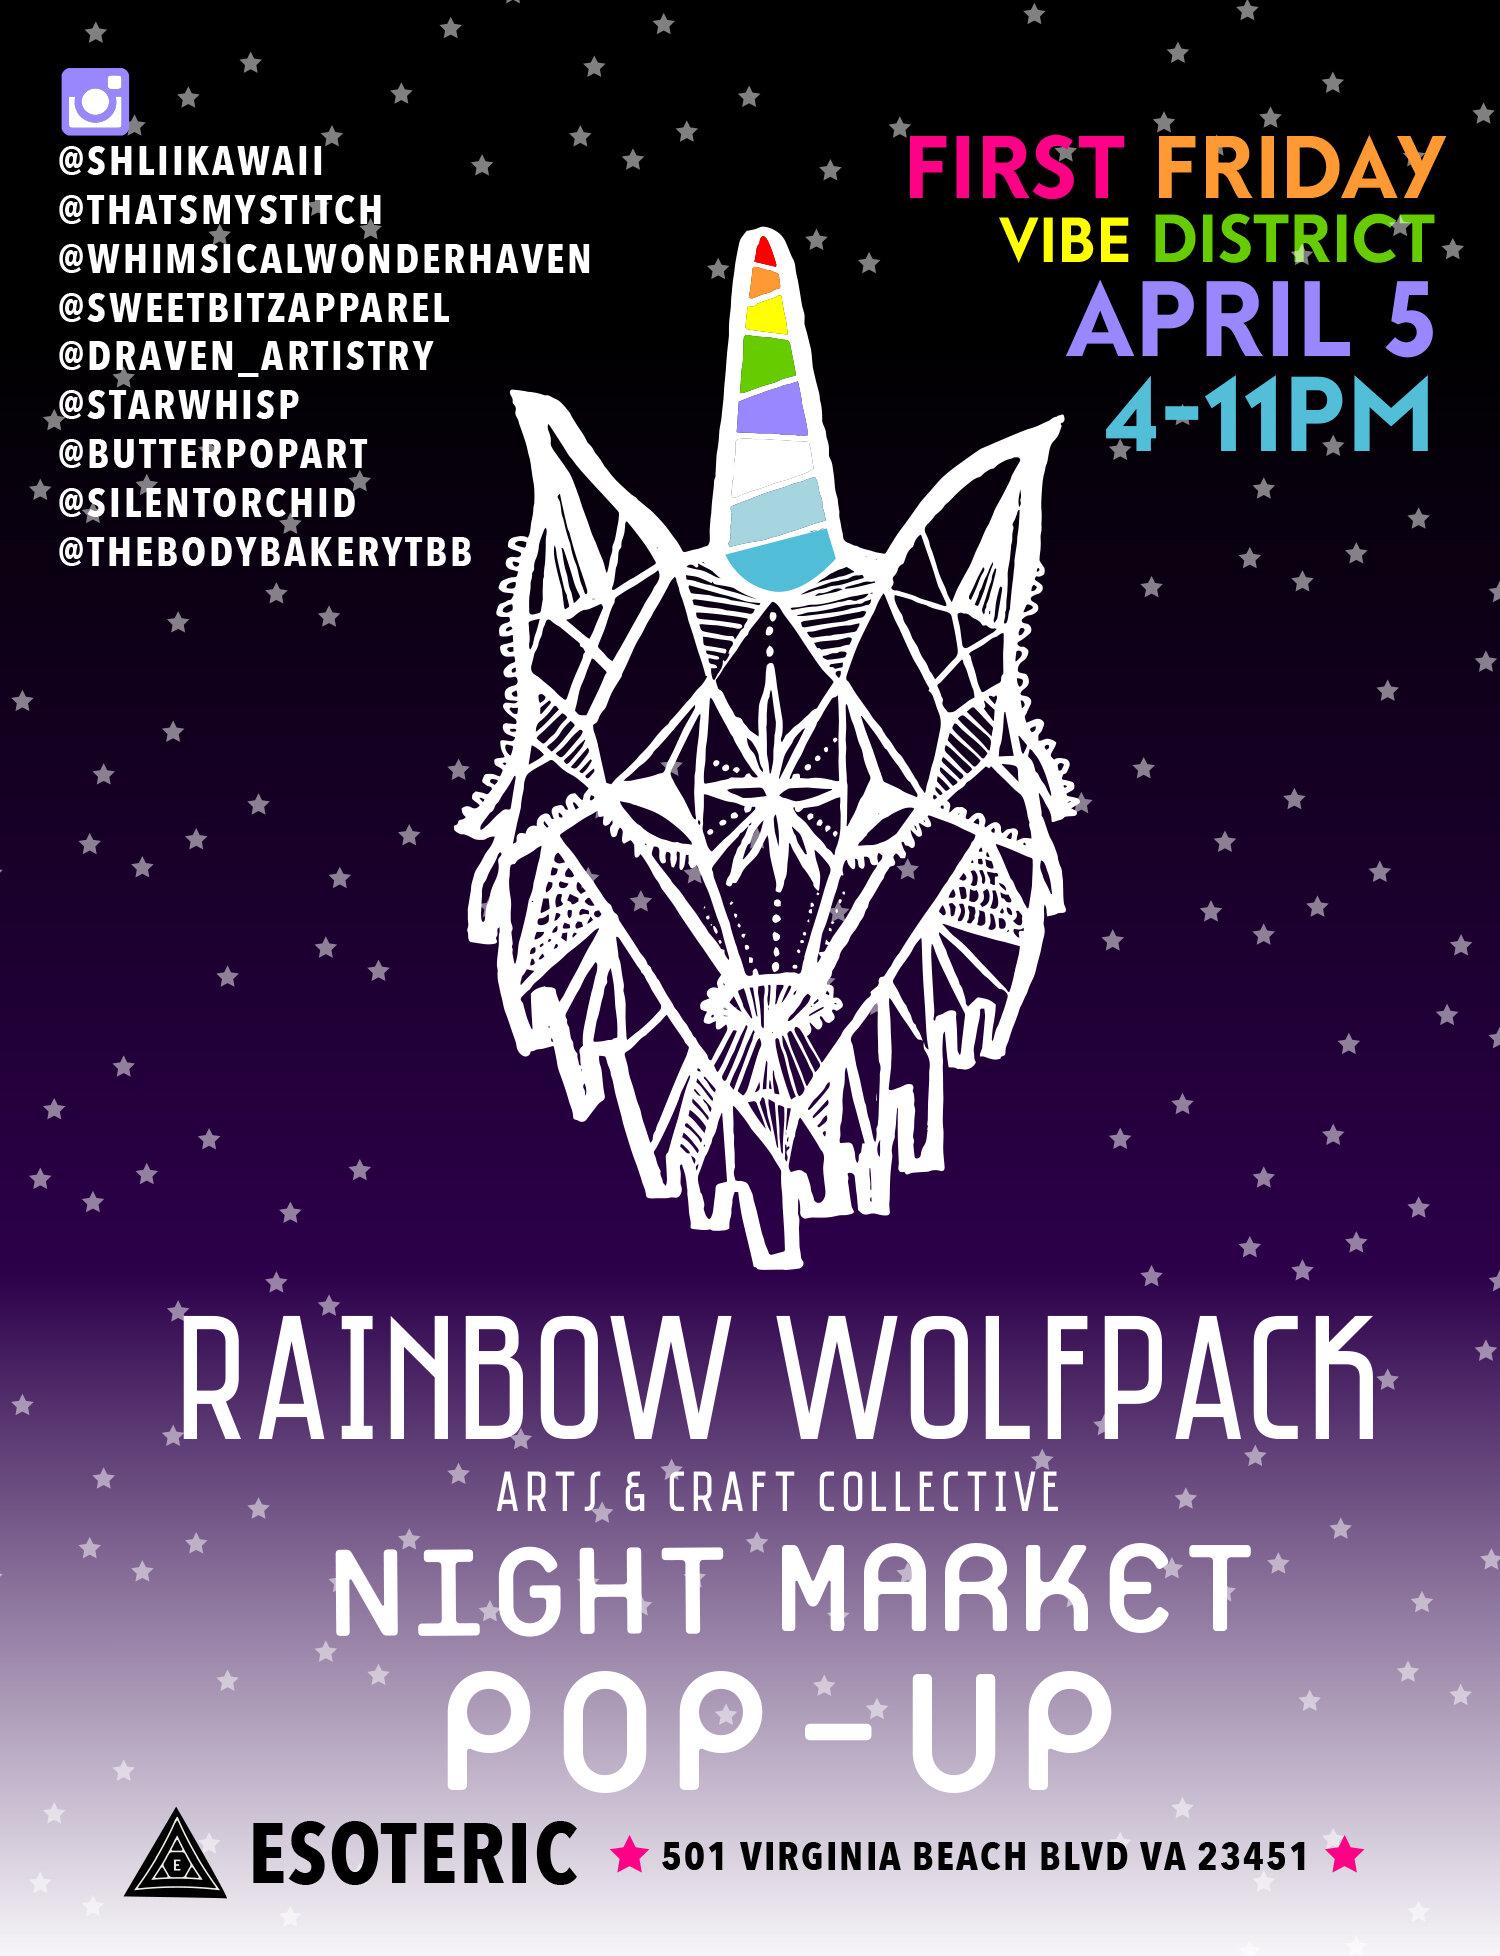 RainbowWolfpack_Flyer_0405.jpg